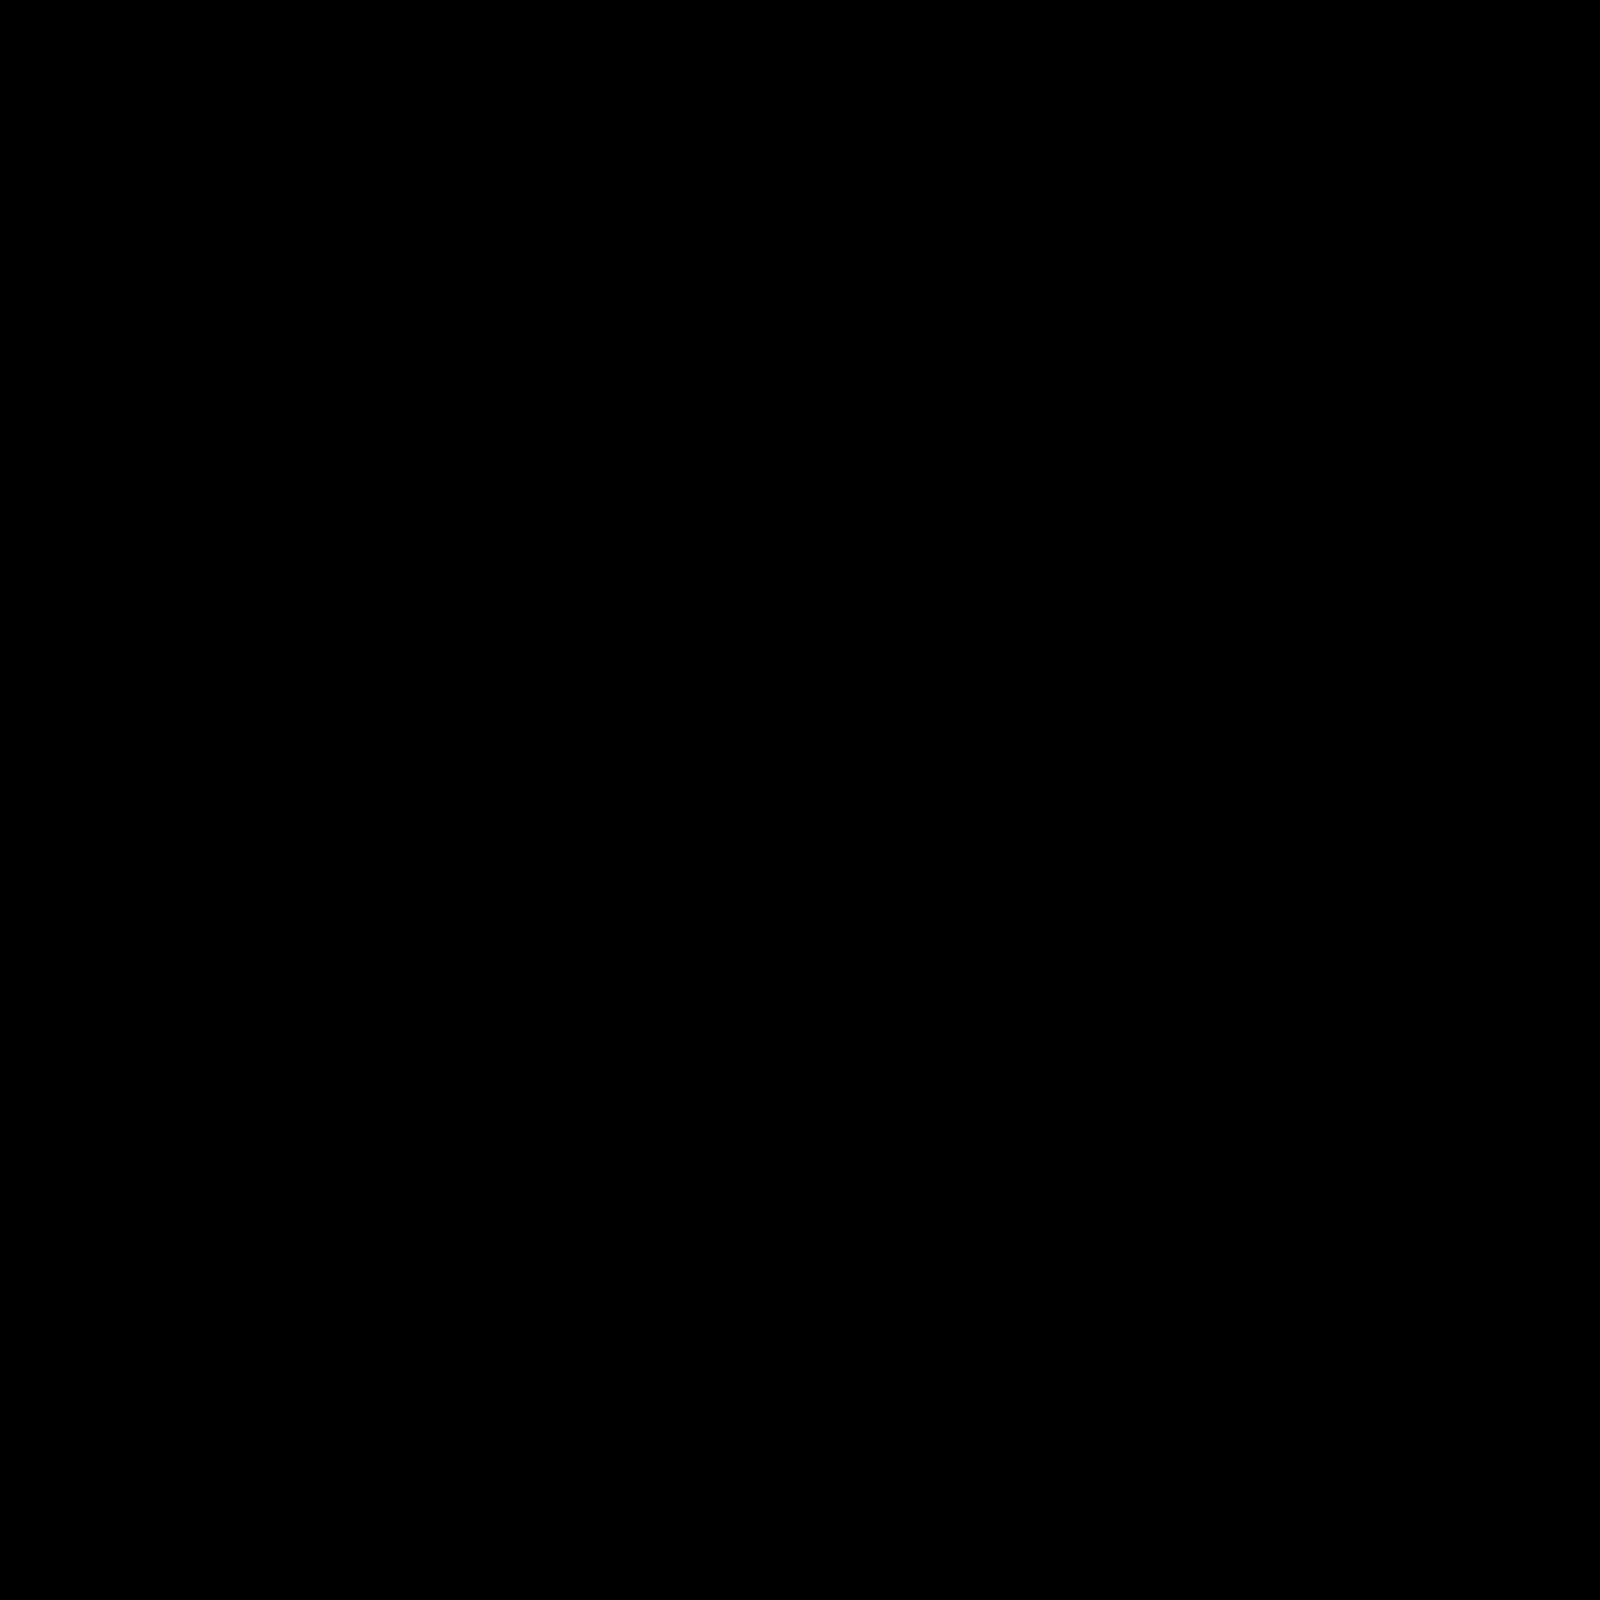 洋服のタグ icon